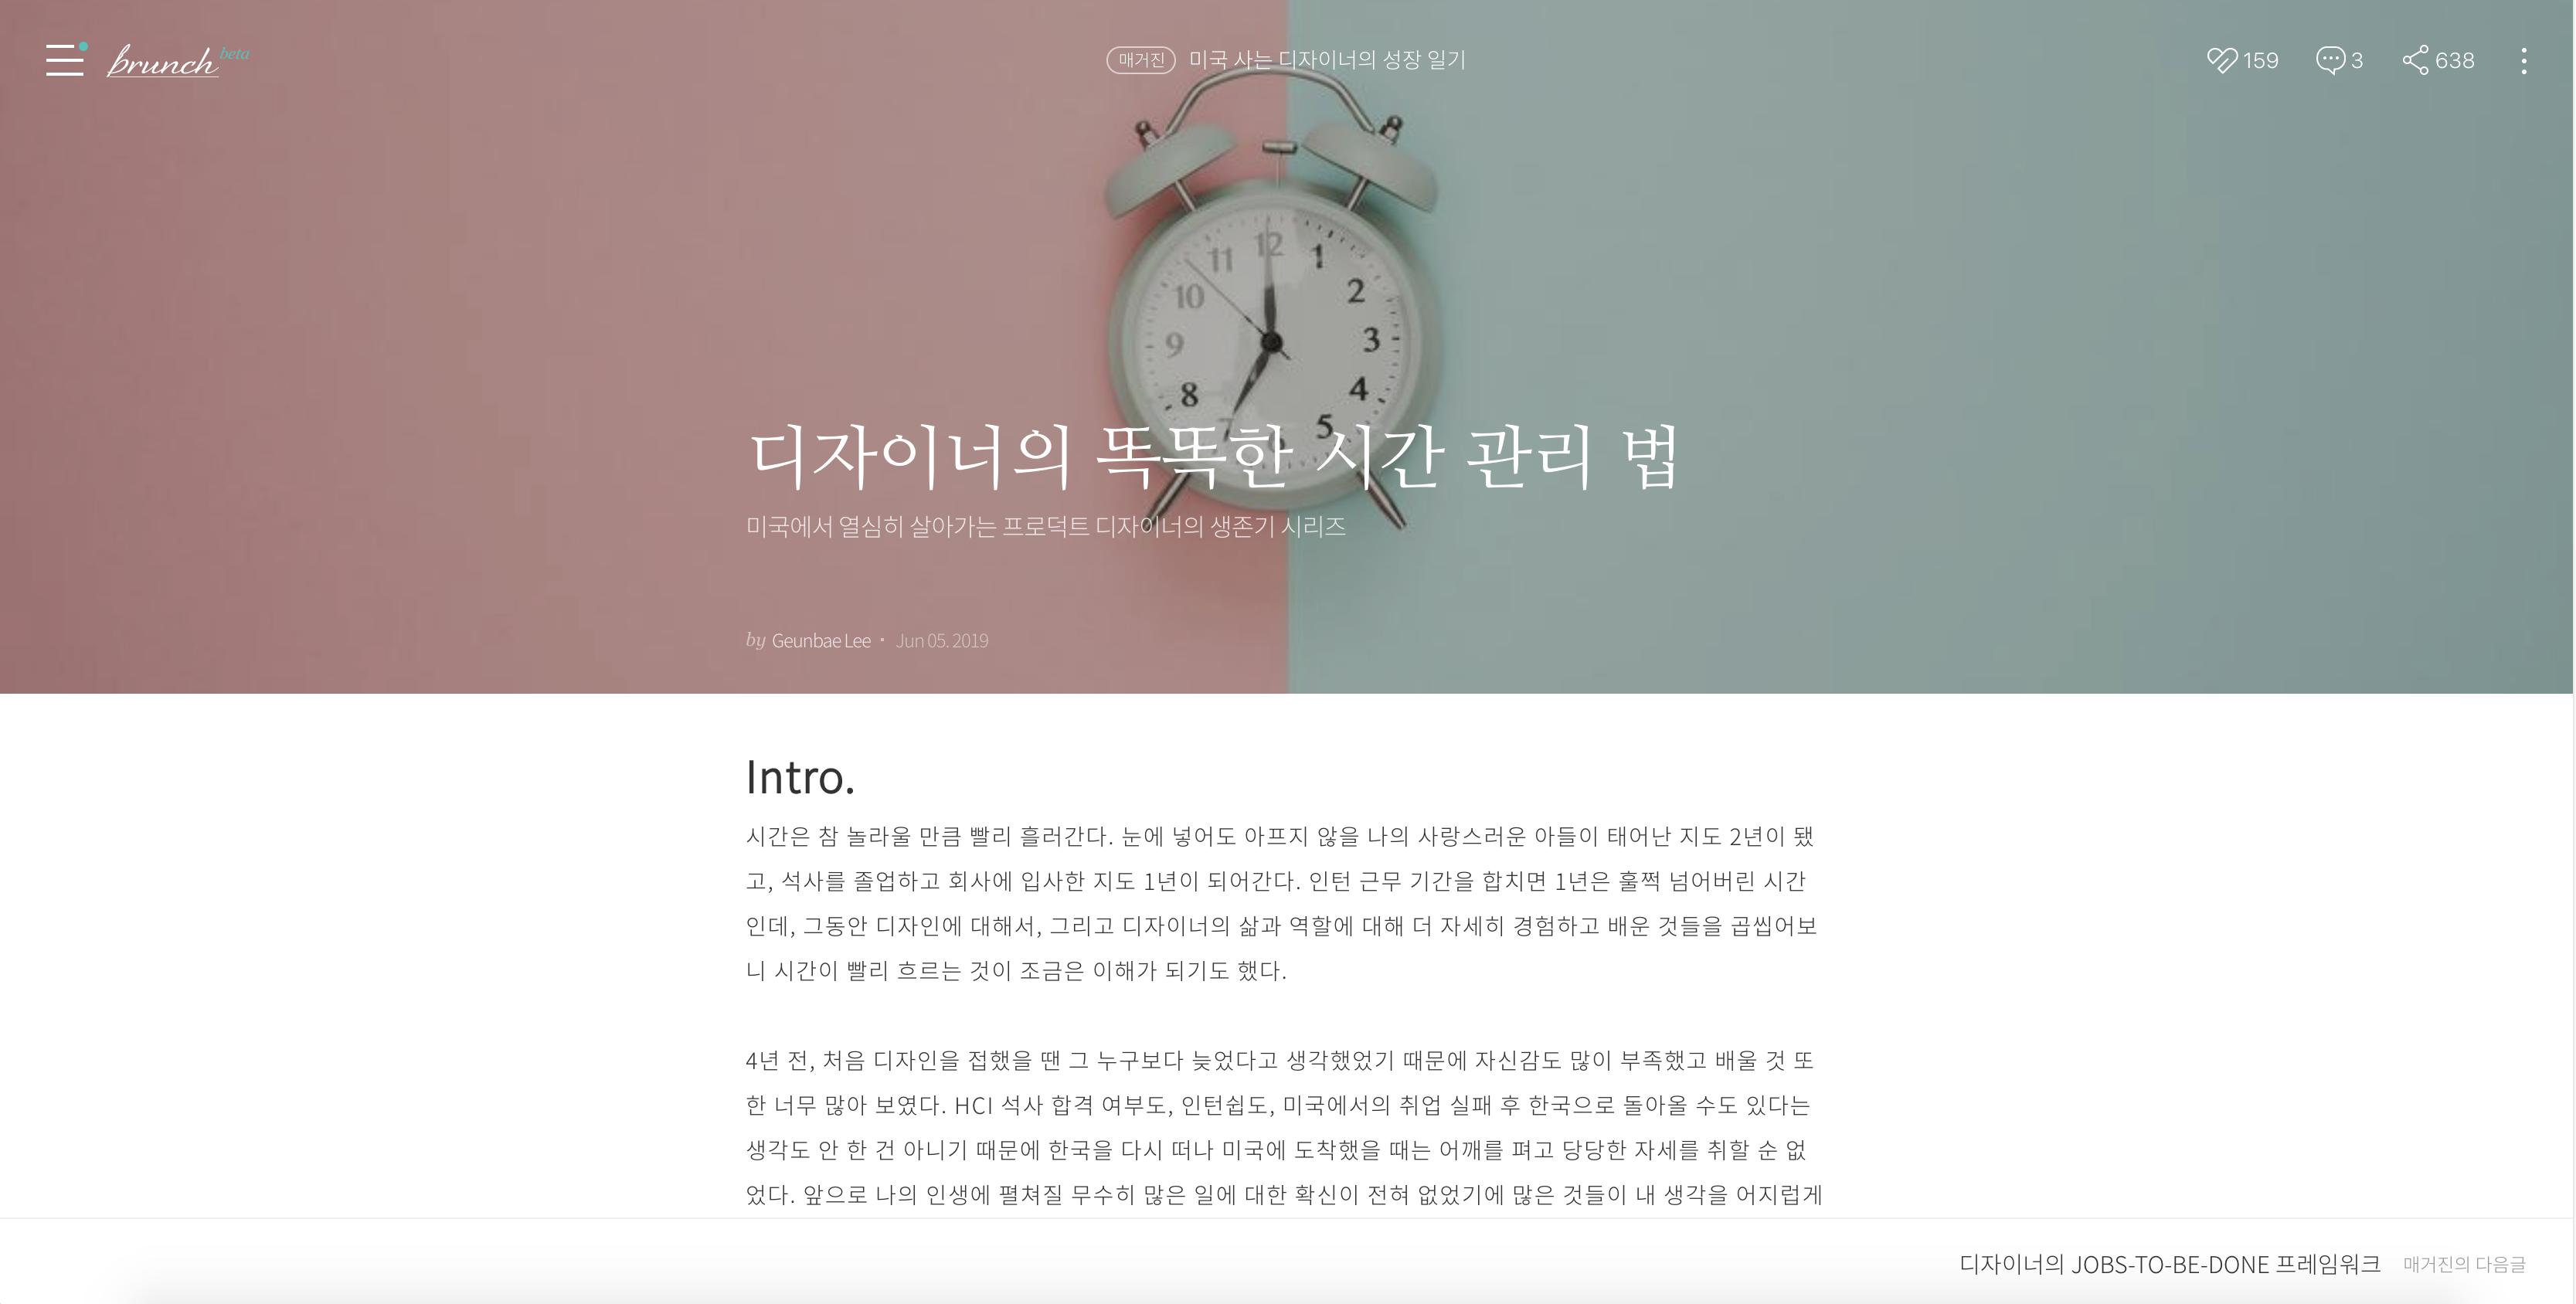 6. 디자이너의 시간 관리법 - 브런치 (4분 44초).png